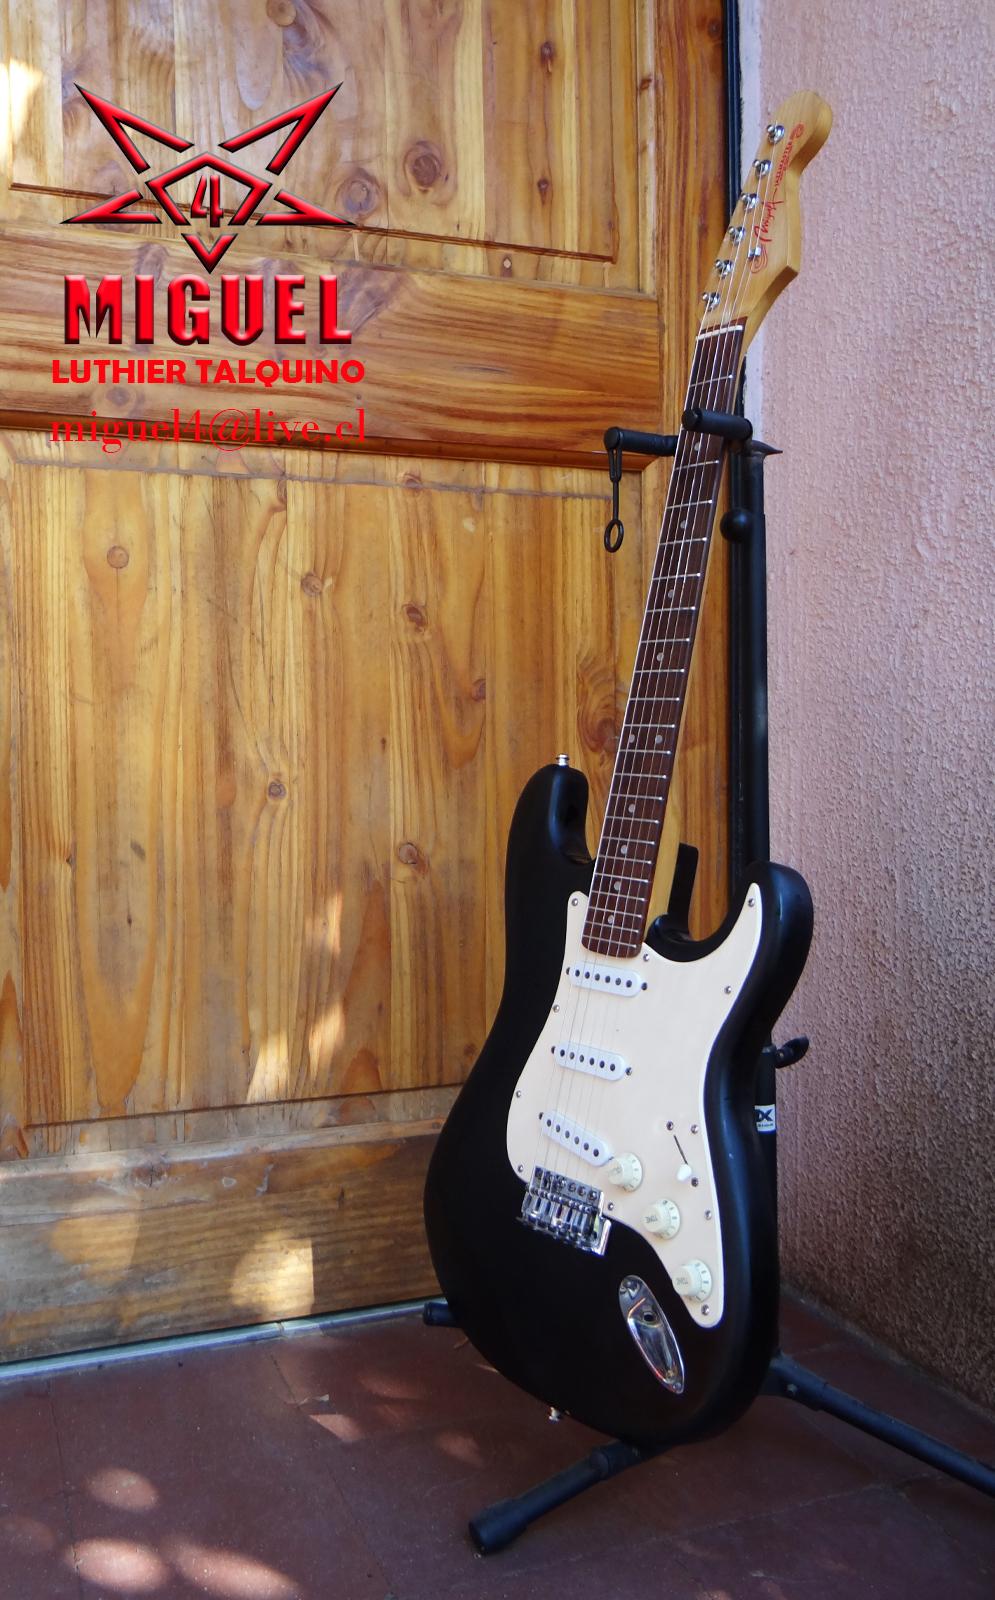 Luthier miguel4 talca guitarra electrica stratocaster for Luthier guitarra electrica